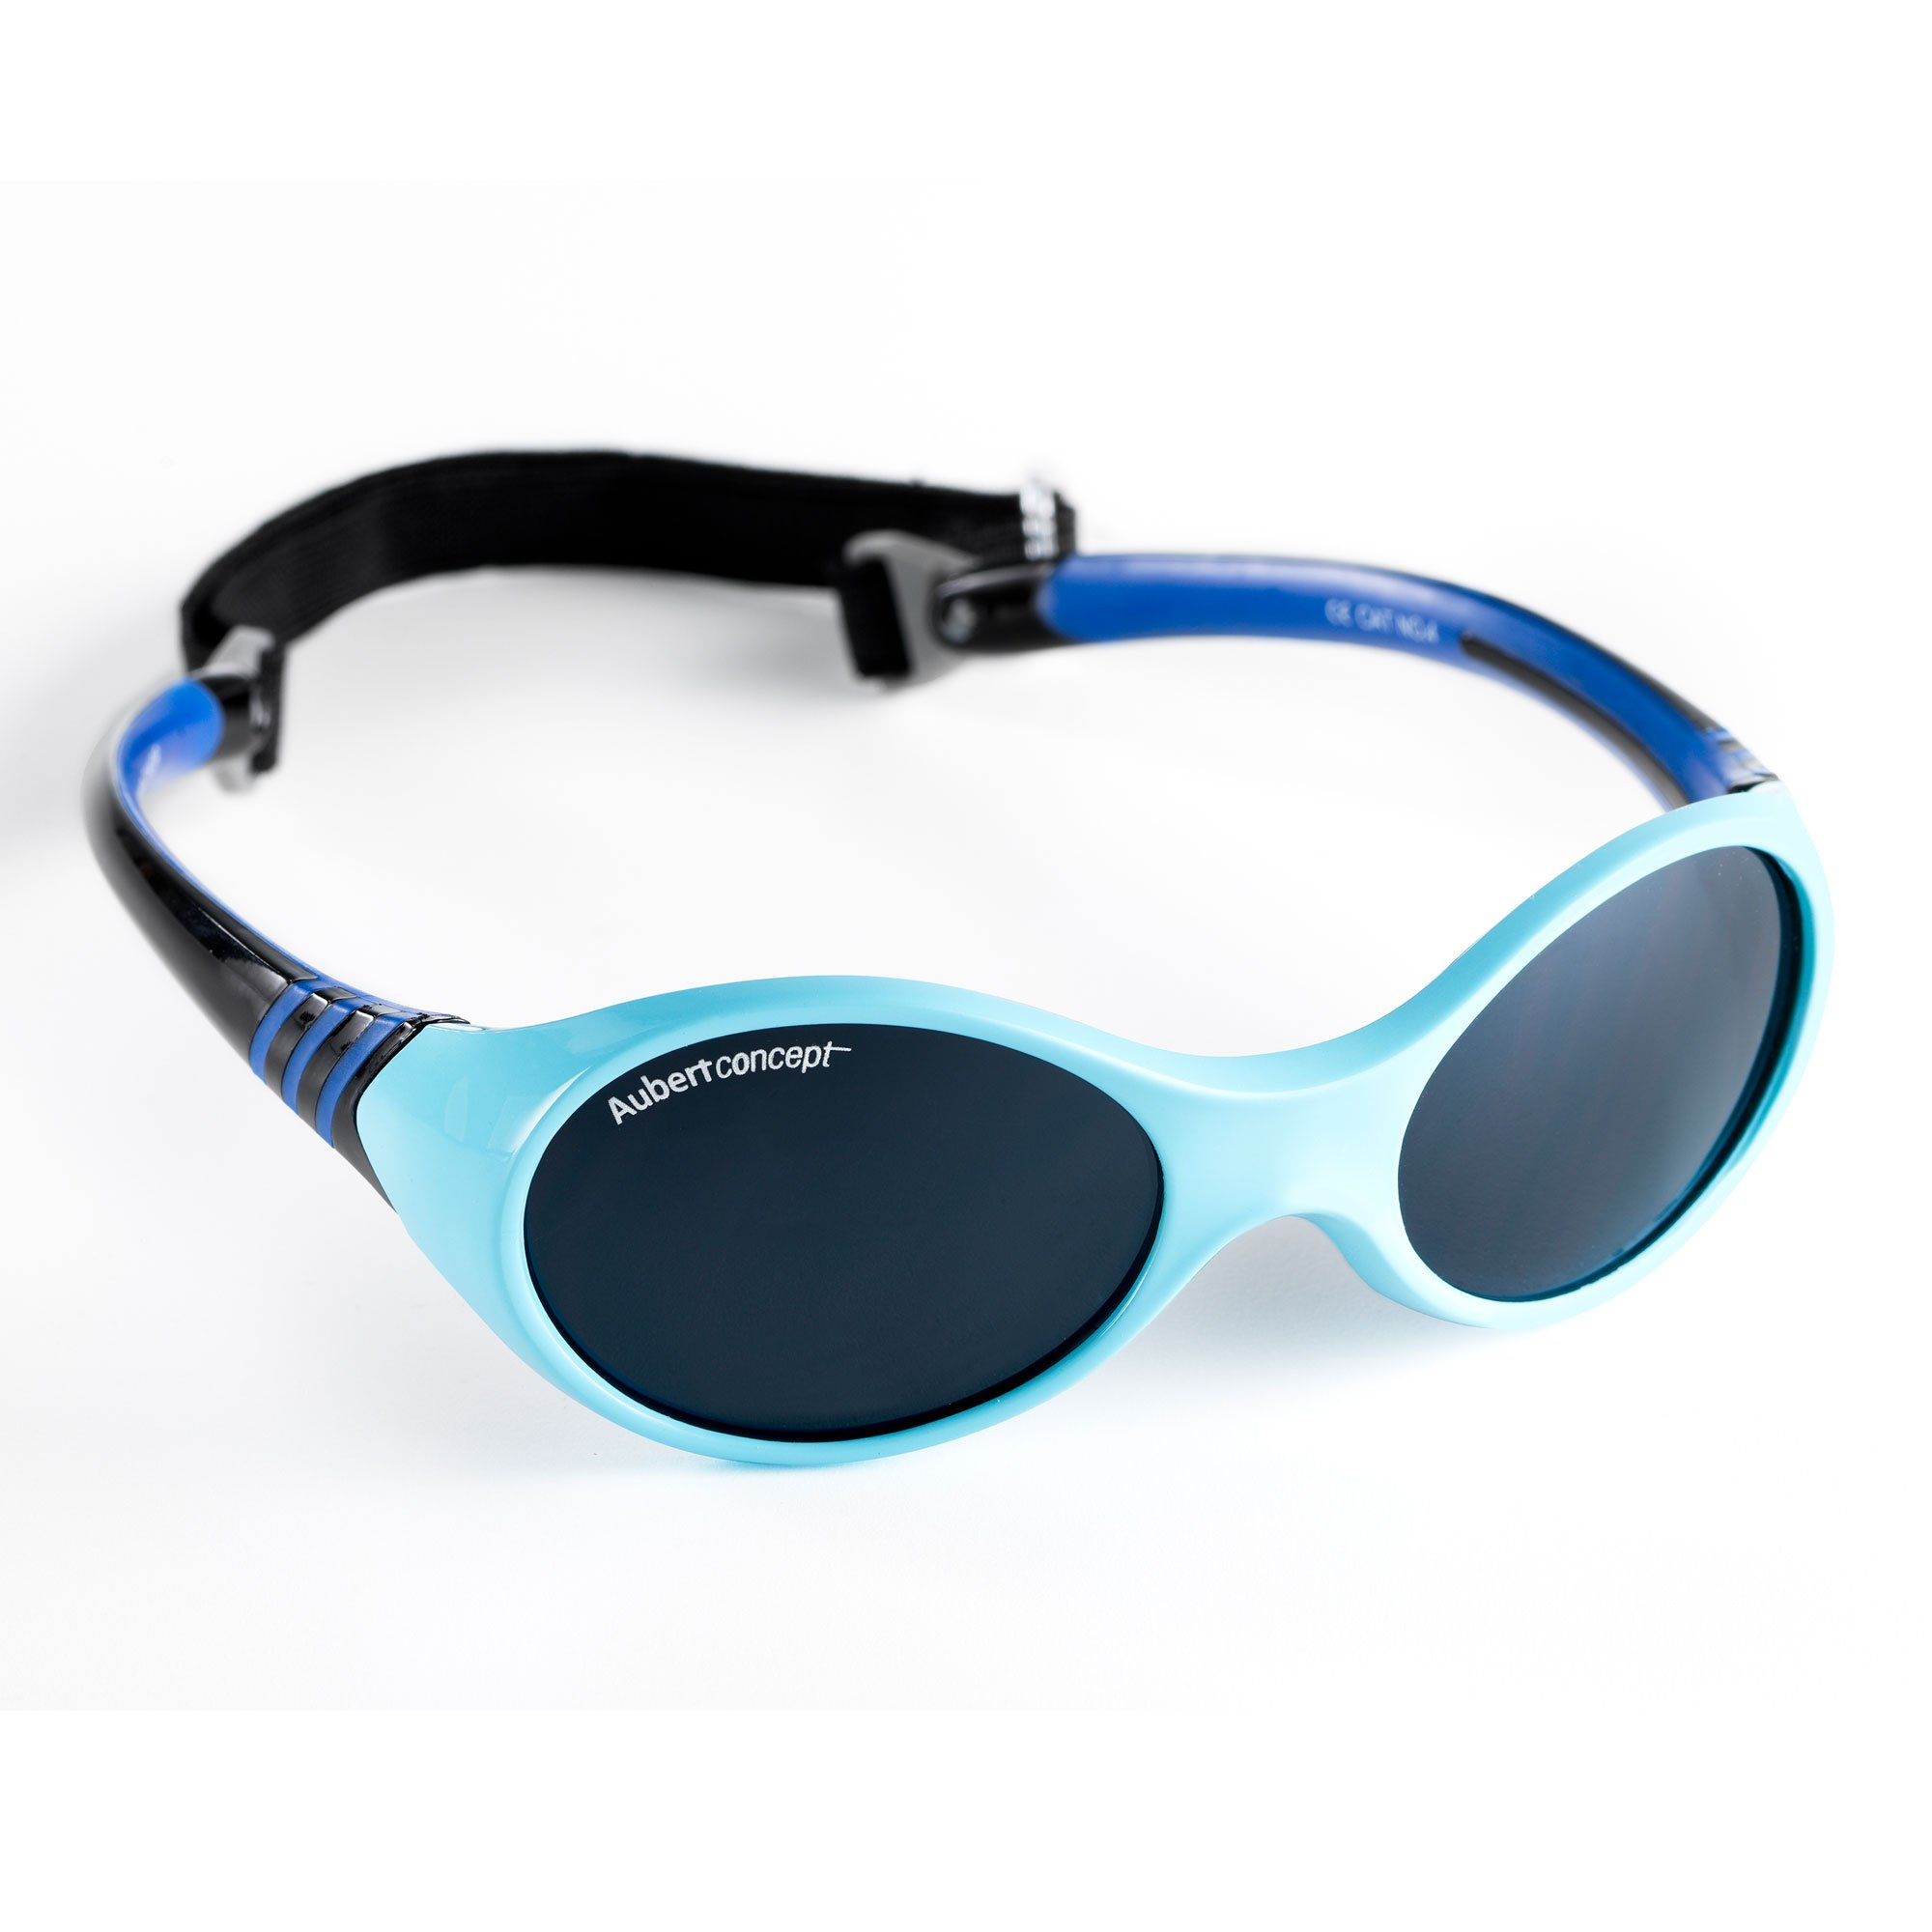 Lunettes de soleil Baby Classic Bleu de Aubert concept, Lunettes de ... e95b5bb8ff9b